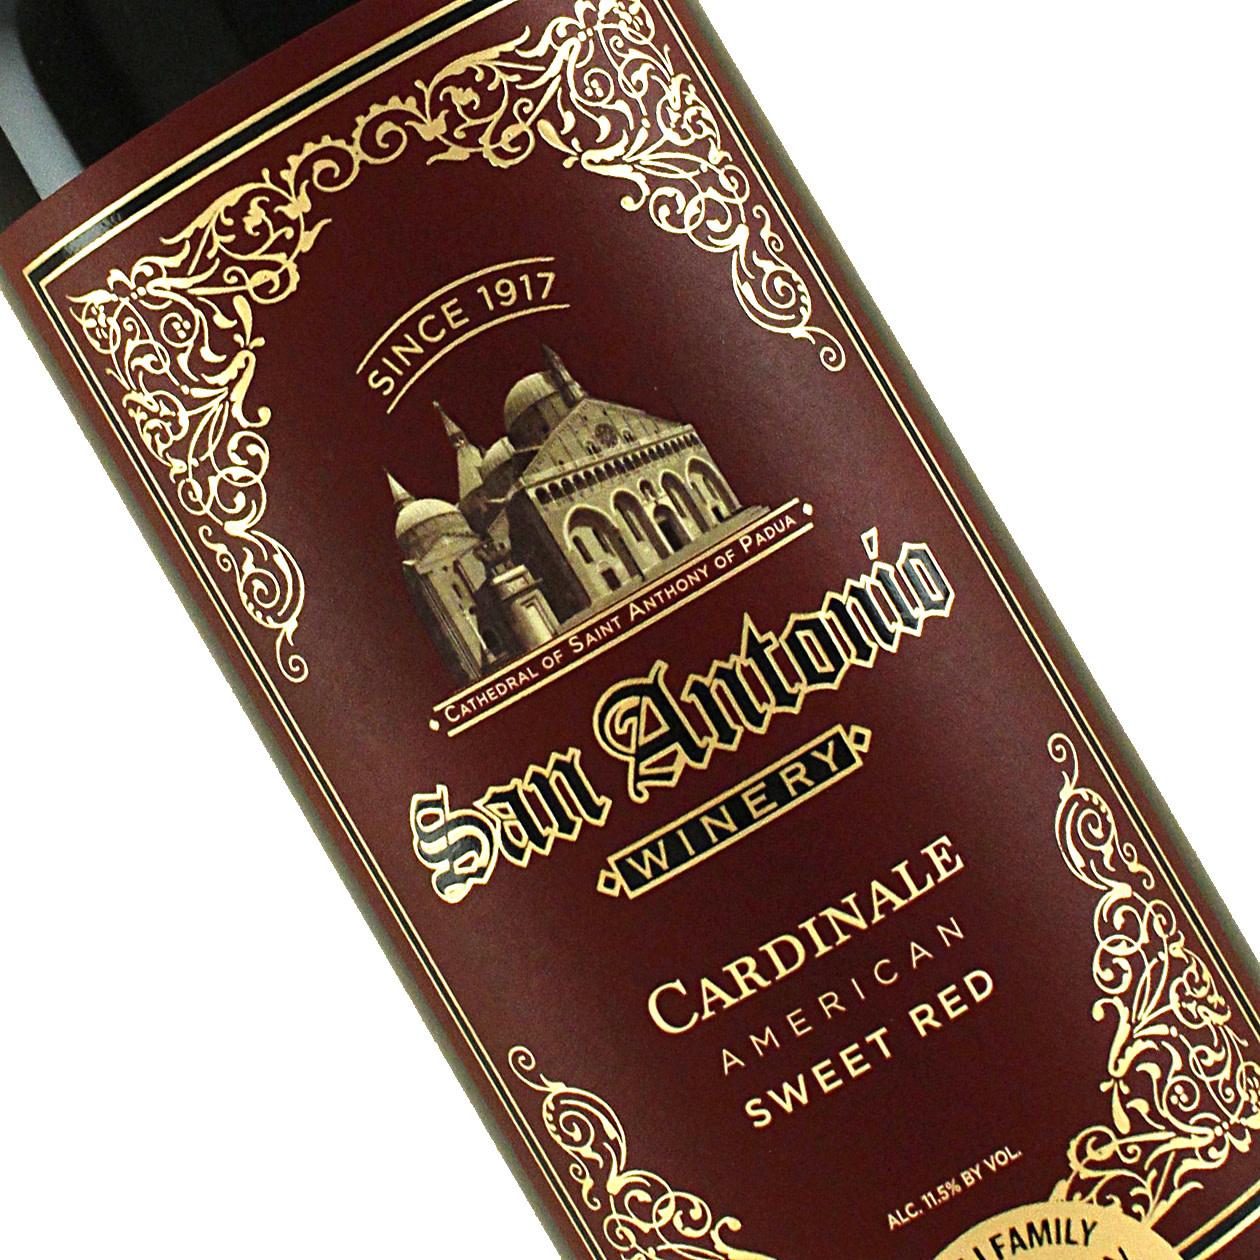 San Antonio Winery Cardinale Sweet Red Wine, California